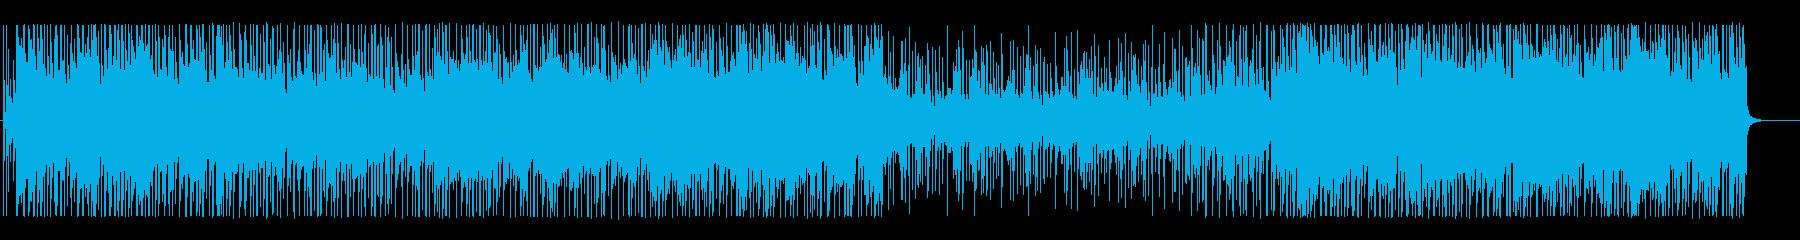 80'sを感じさせるオシャレなディスコ曲の再生済みの波形